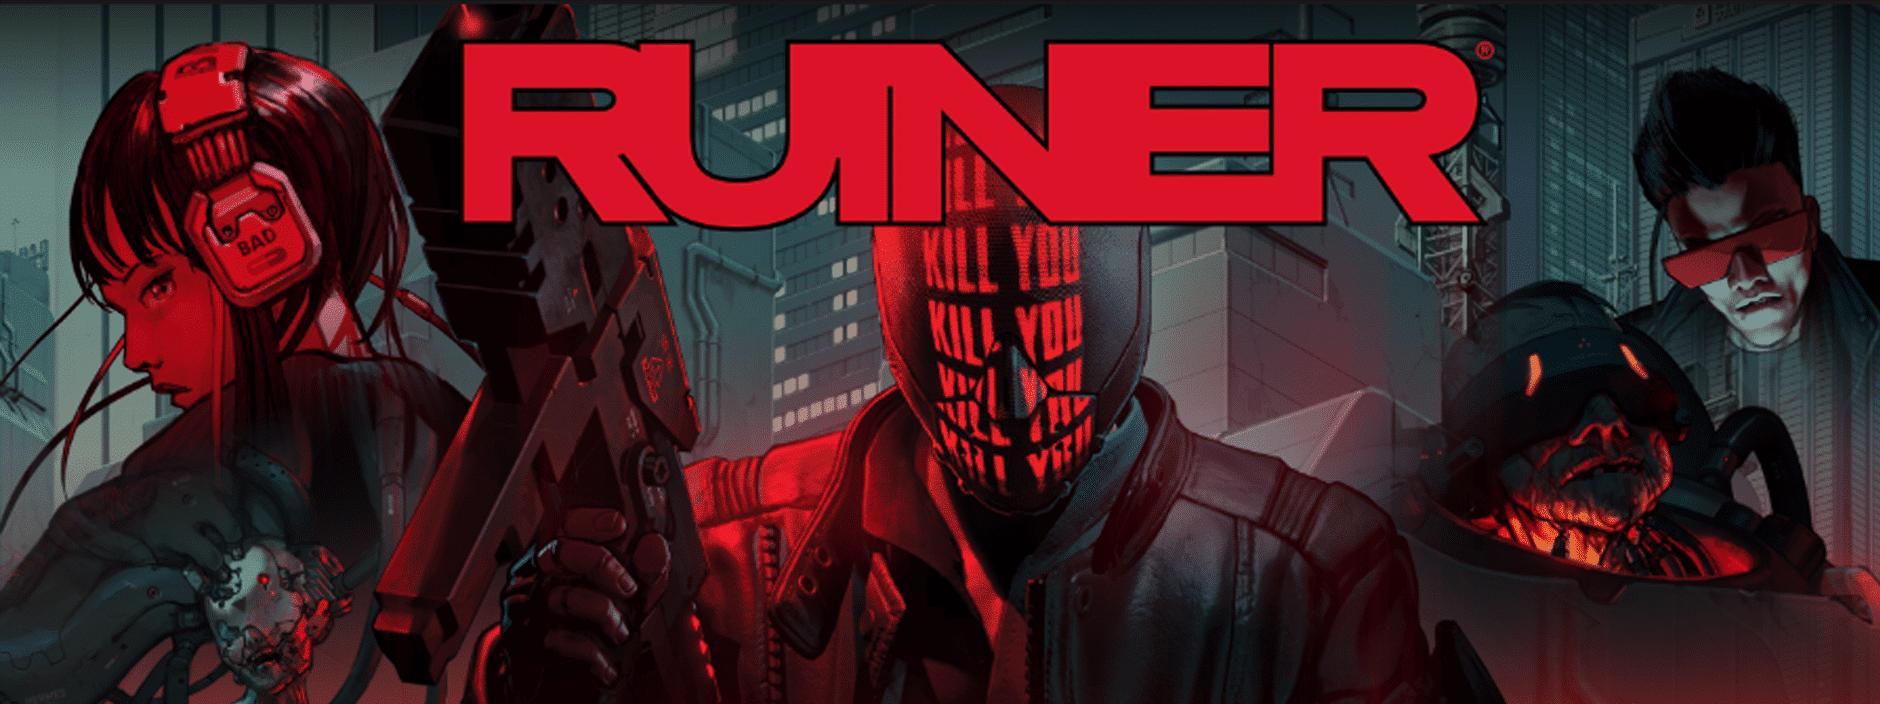 Bild von Ruiner auf der gamescom 2017 angespielt